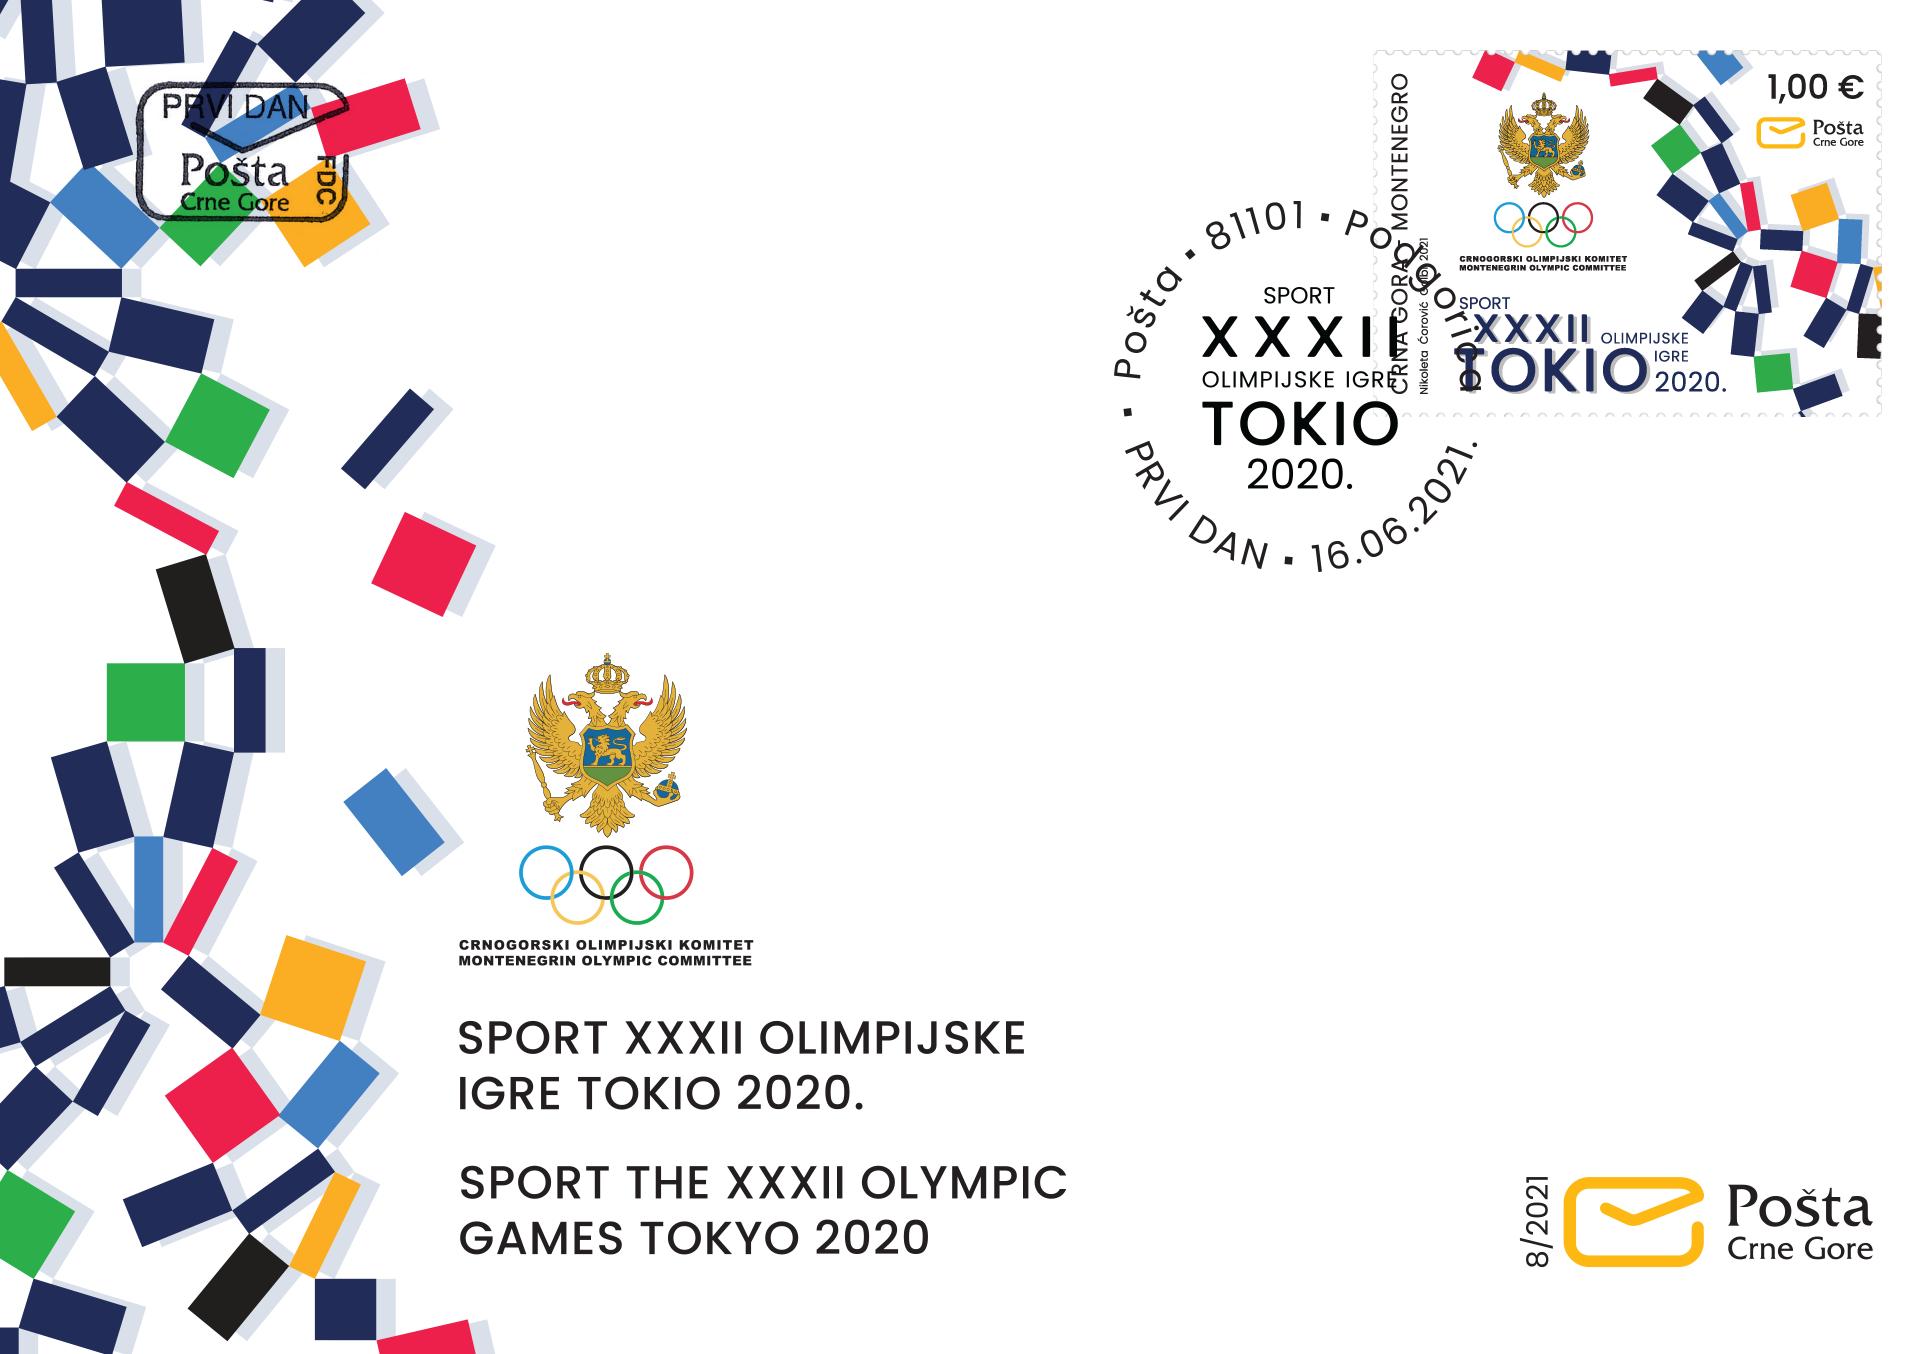 XXXII Olimpijske igre Tokio 2020.